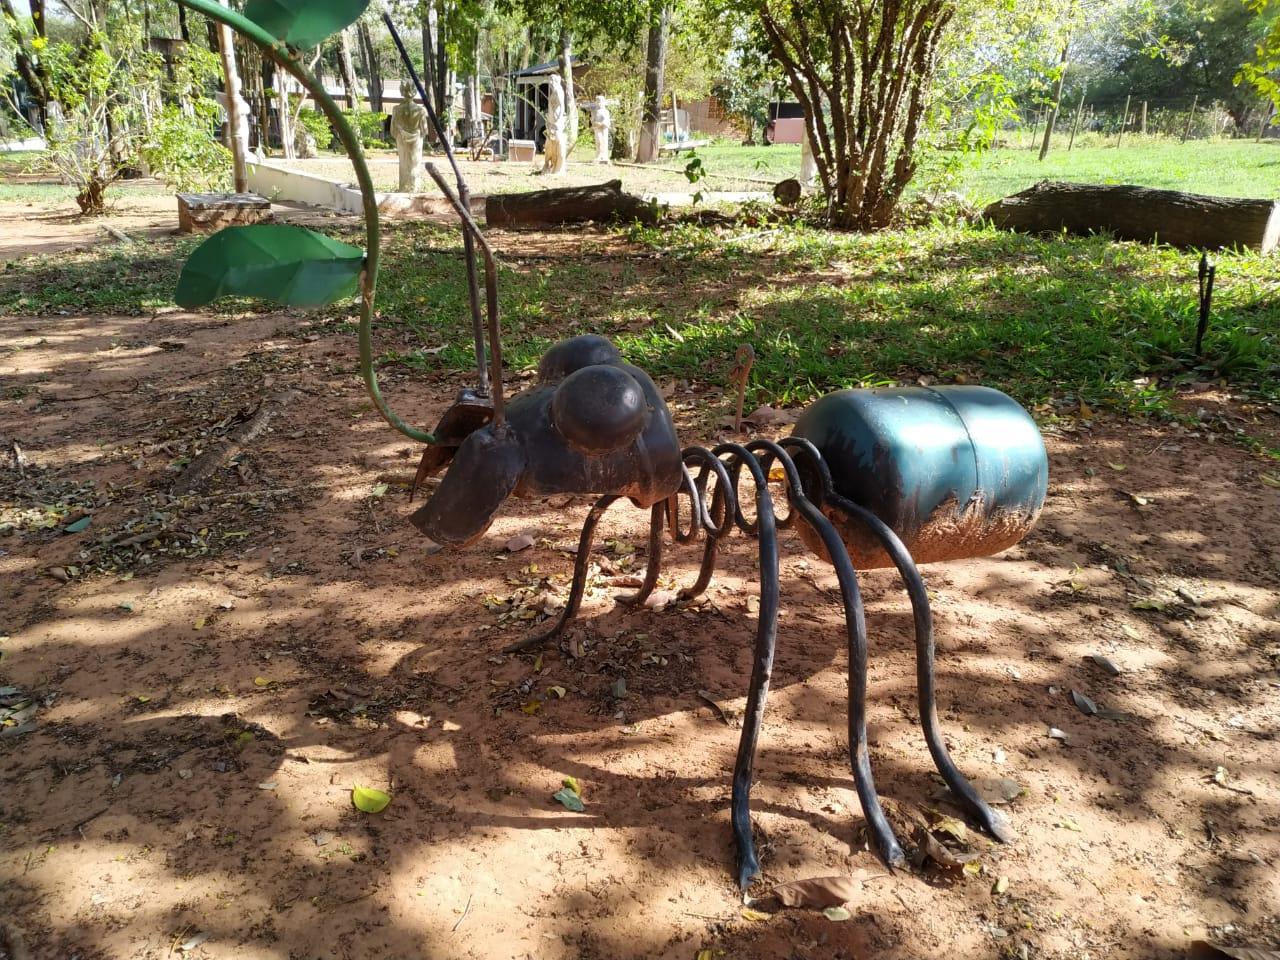 Escultura de formiga feita de ferragens exposta em sítio